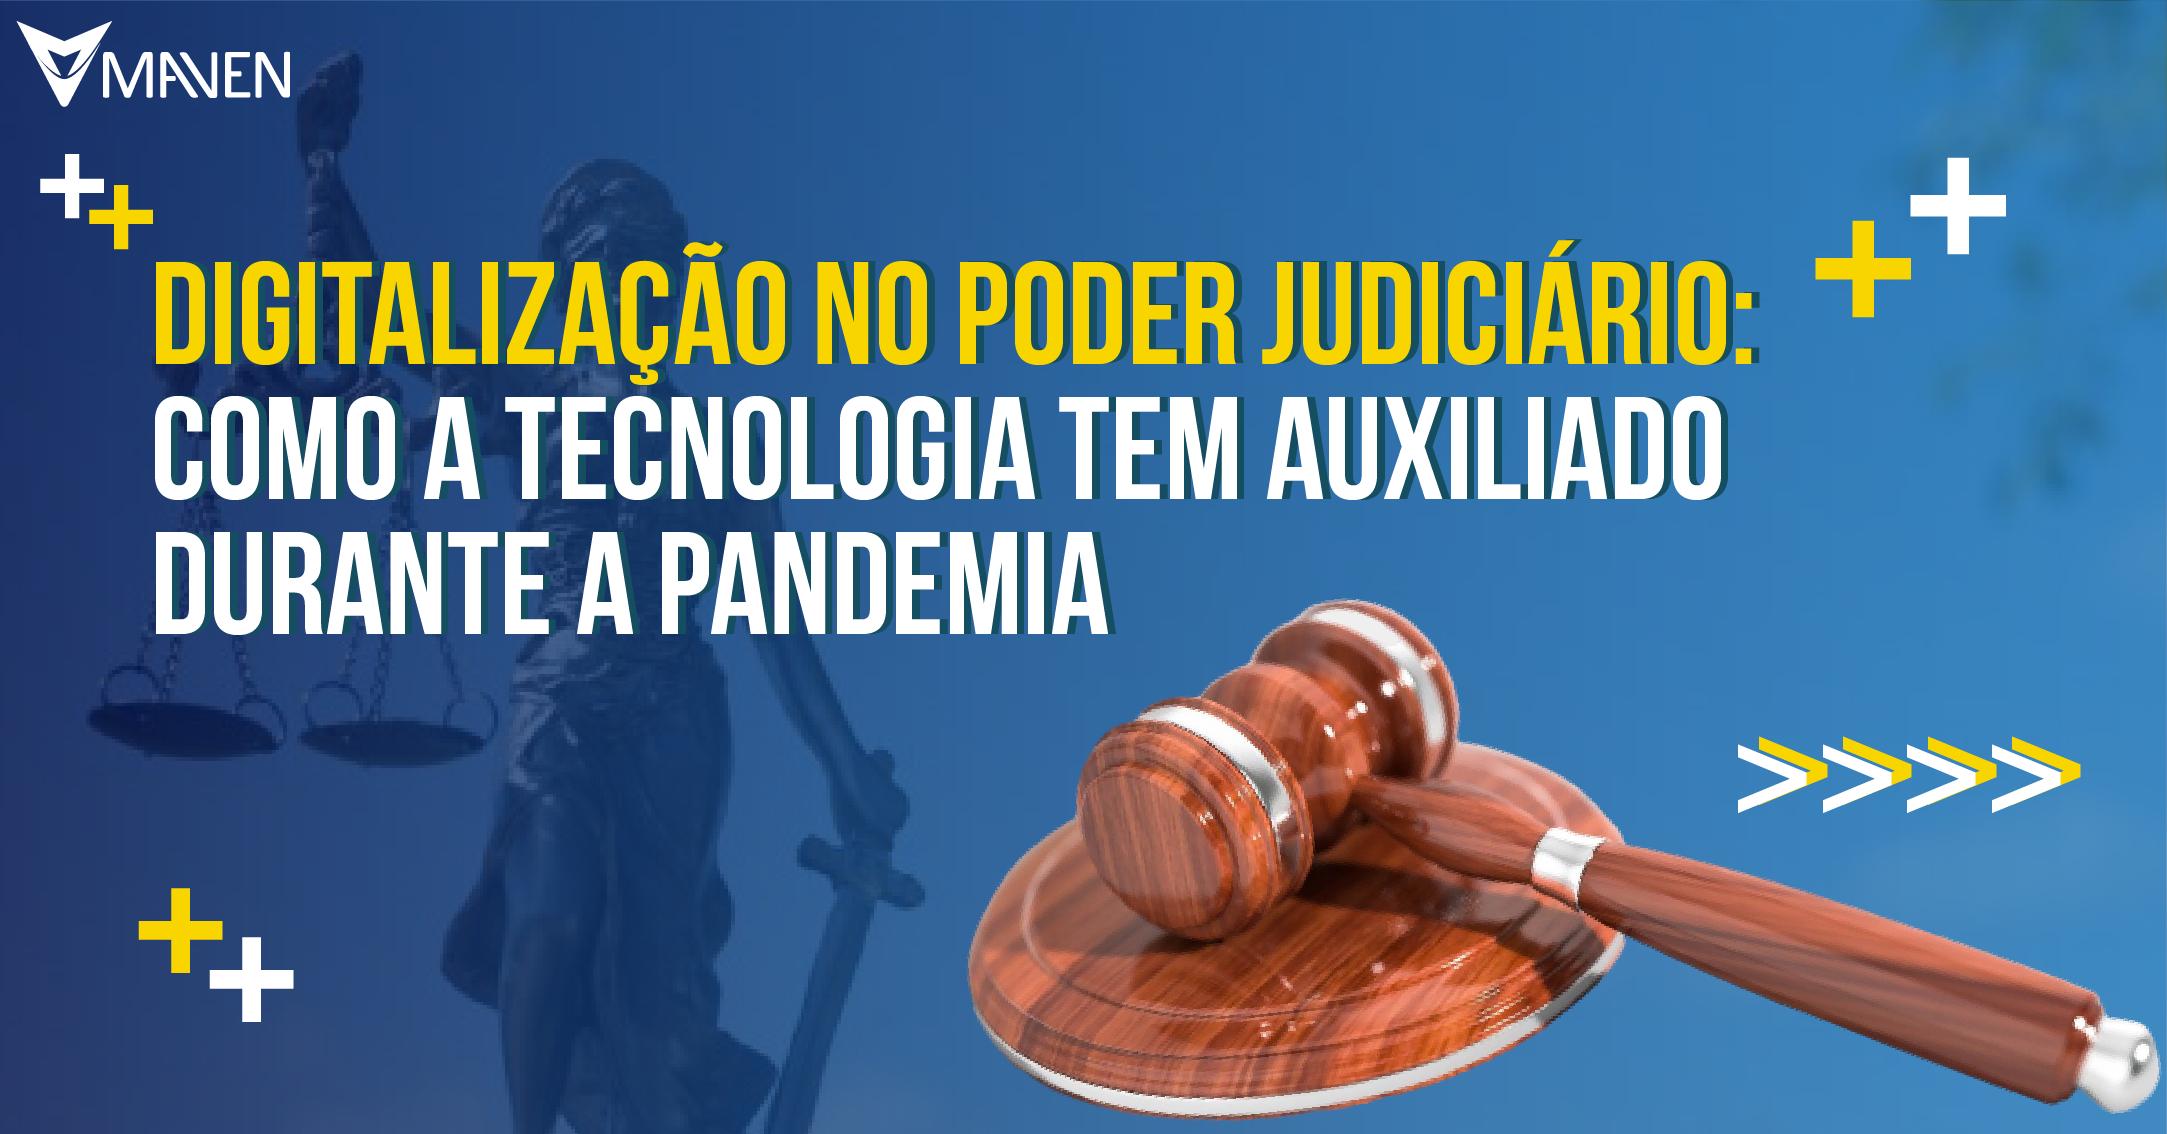 Digitalização no Poder Judiciário: como a tecnologia tem auxiliado durante a pandemia